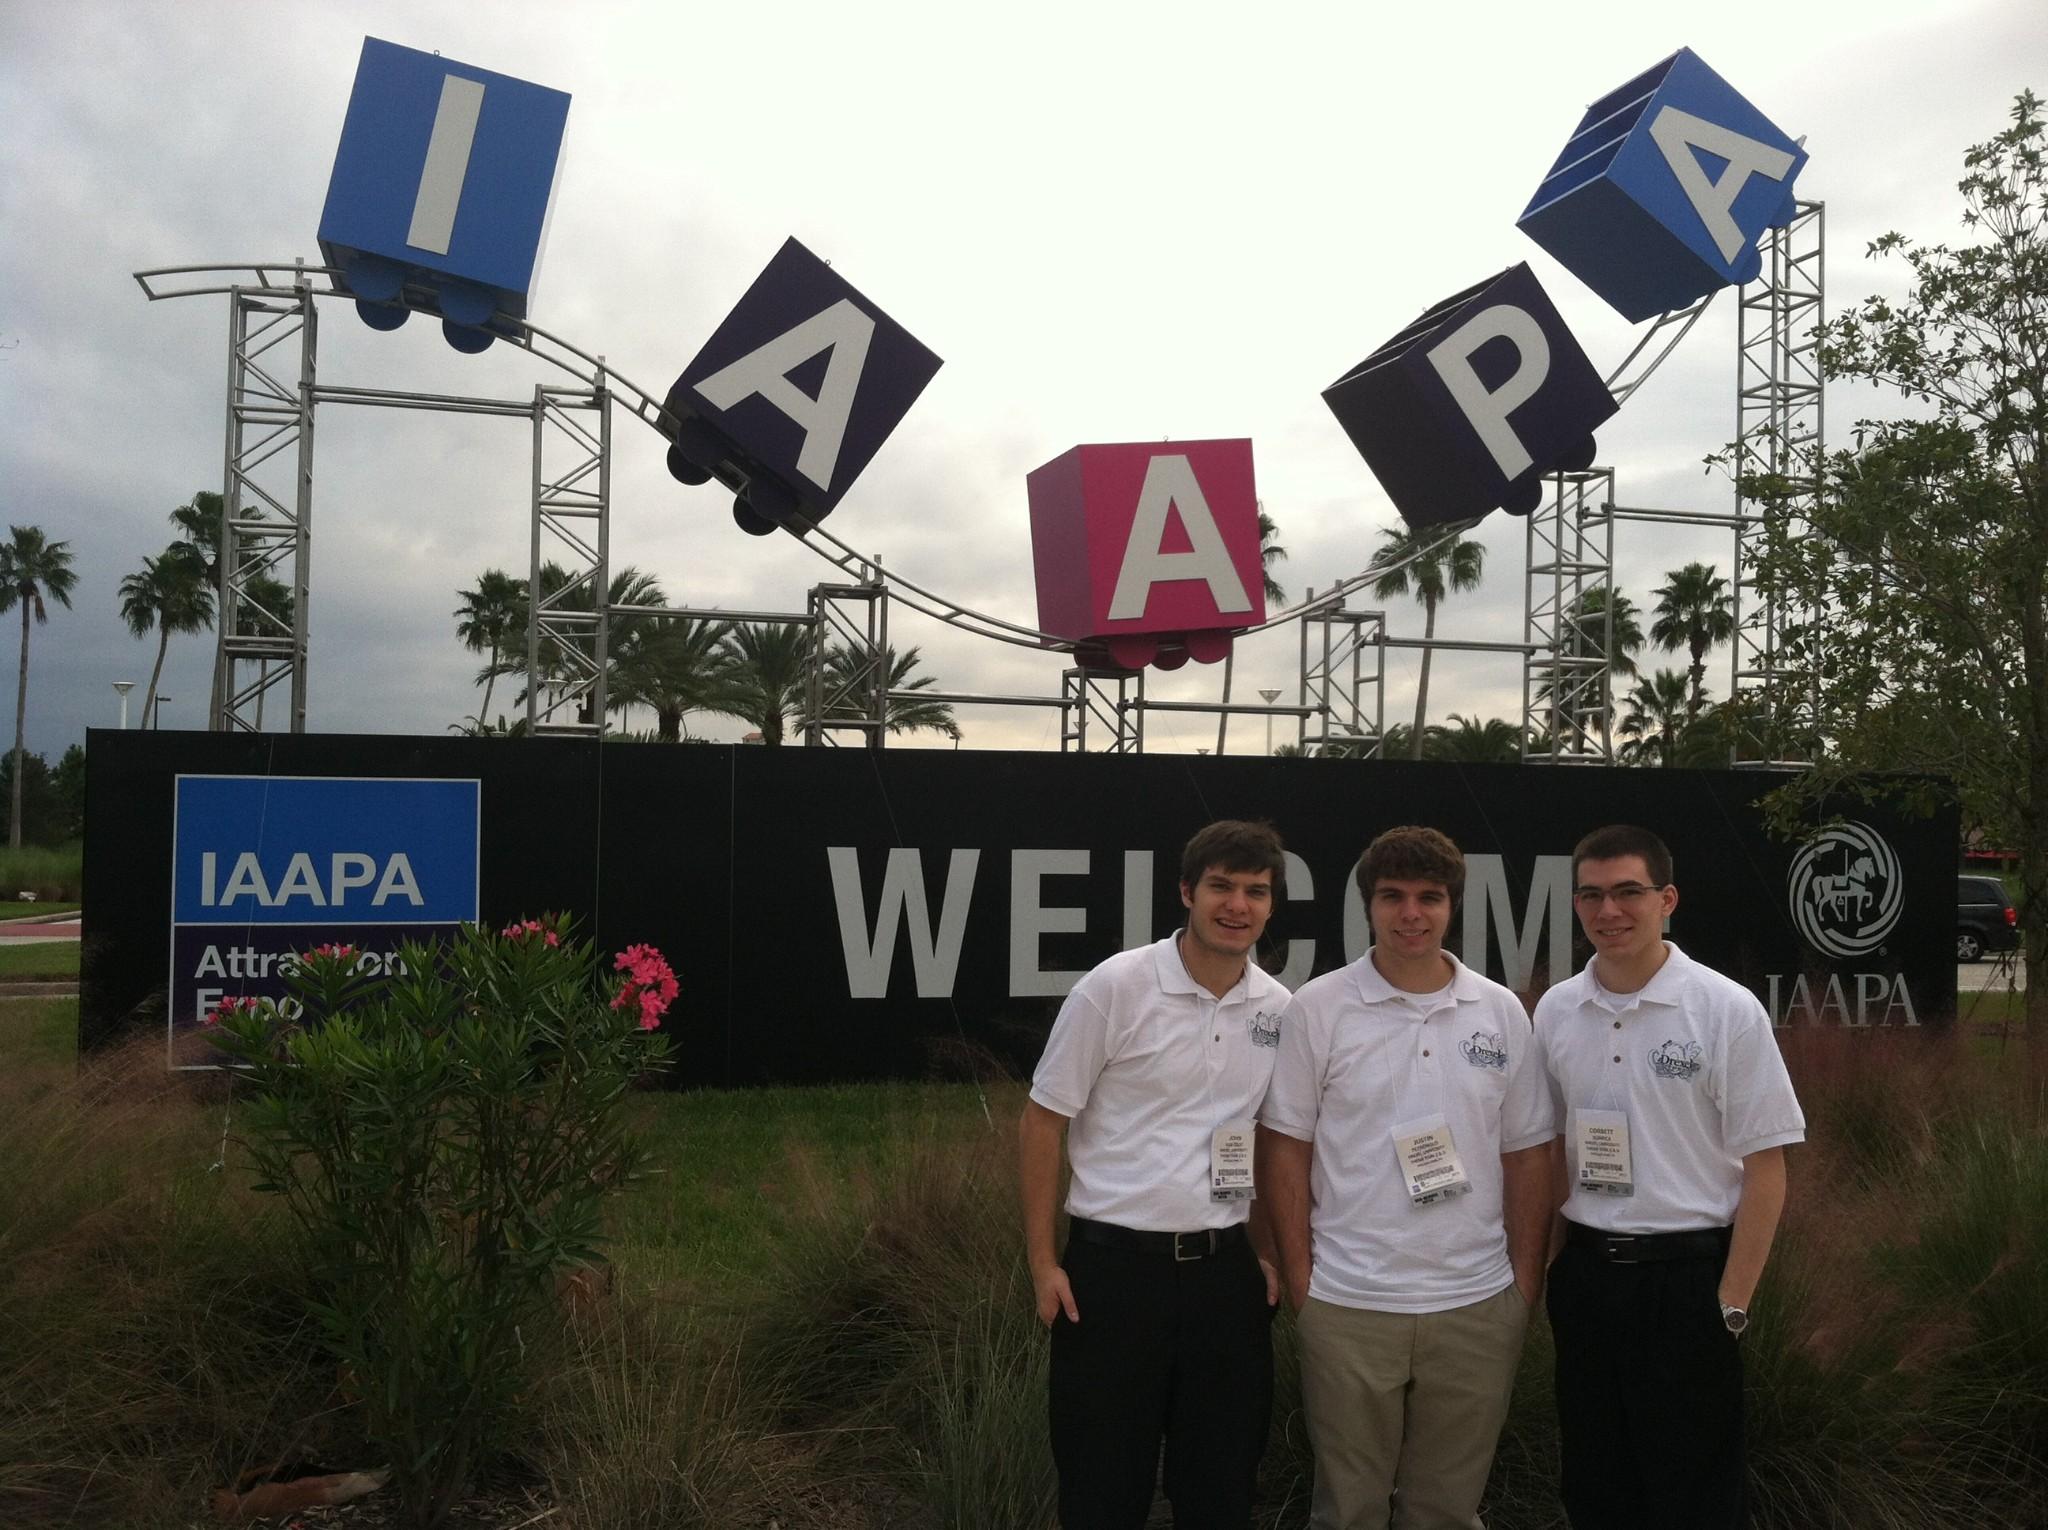 TPED at IAAPA 2012